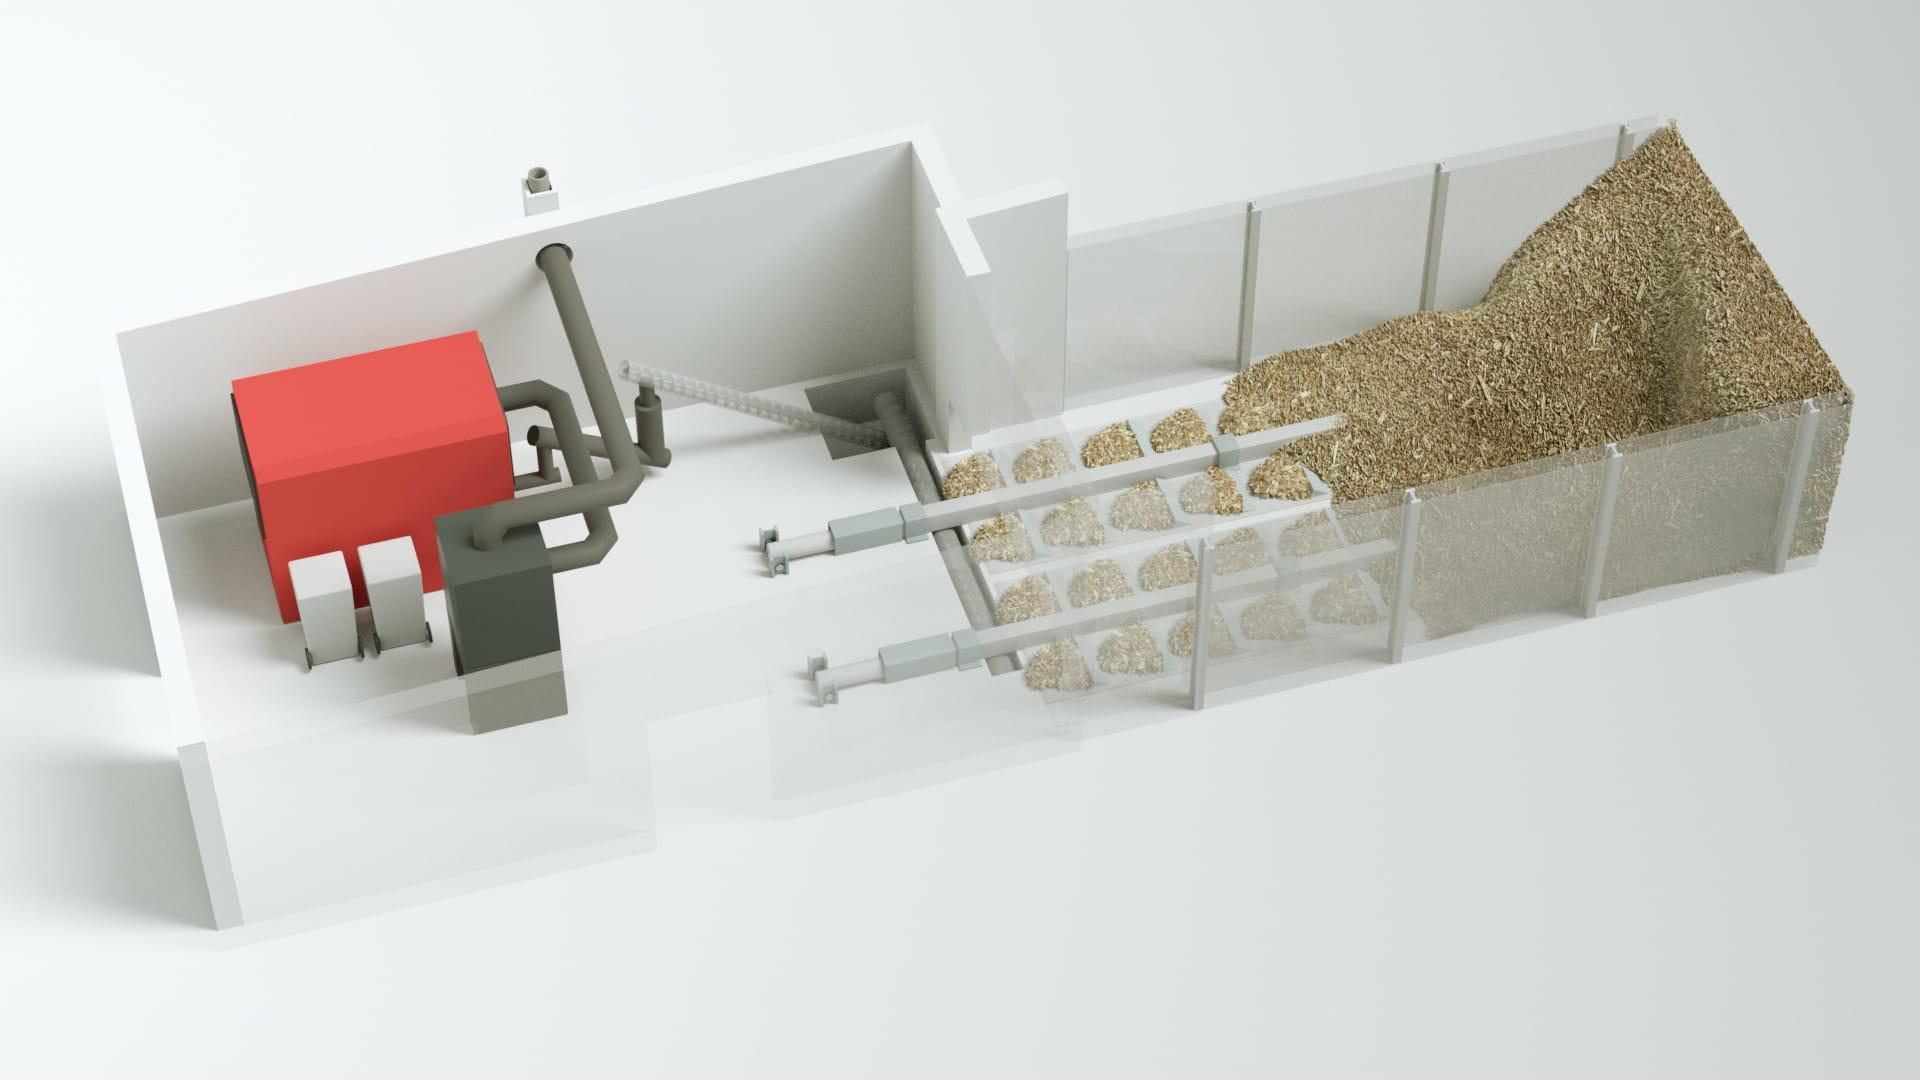 Modell bild Nolting Holzfeuerung System mit Vorratsraum und Schubsystem